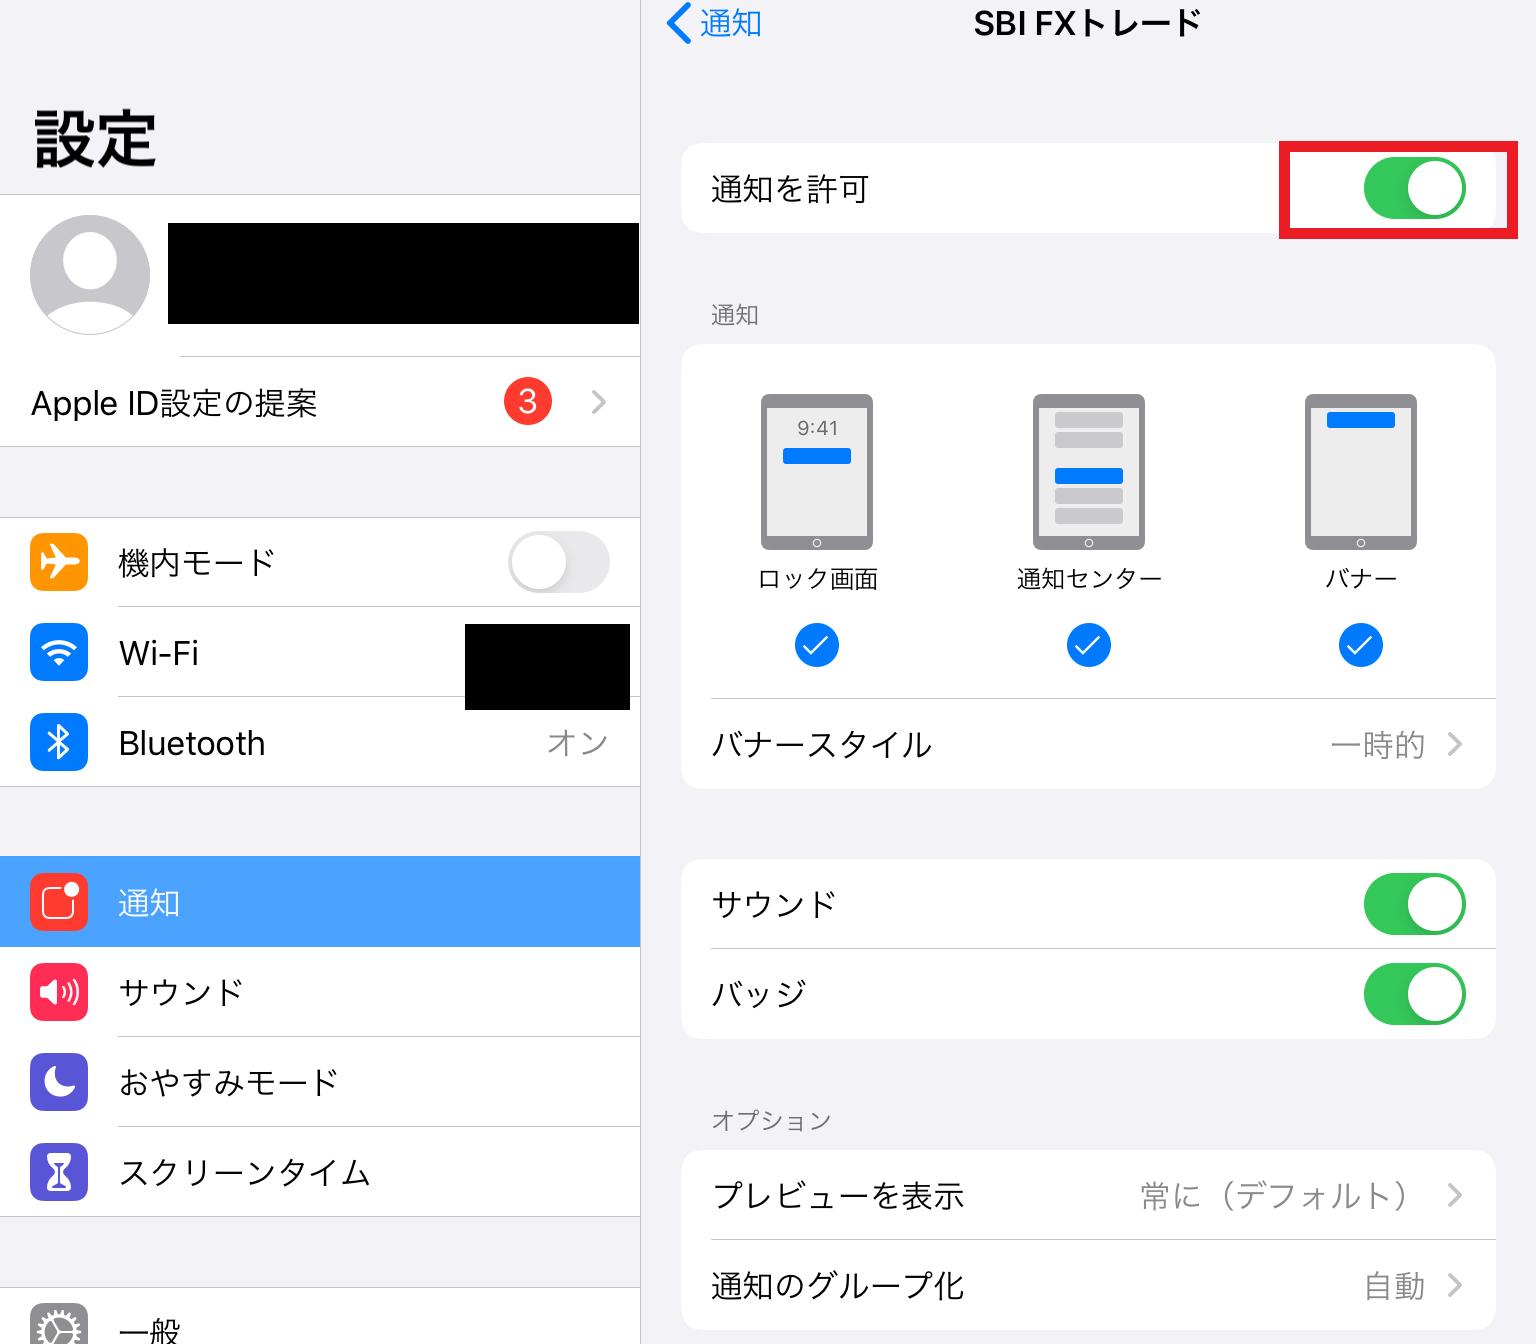 """<img src=""""538884bb3e68b20748e5662fc75bc2b4.png"""" alt=""""iPhone iPad SBI FX キャンペーン通知 プッシュ通知 消し方 説明 ON"""">"""